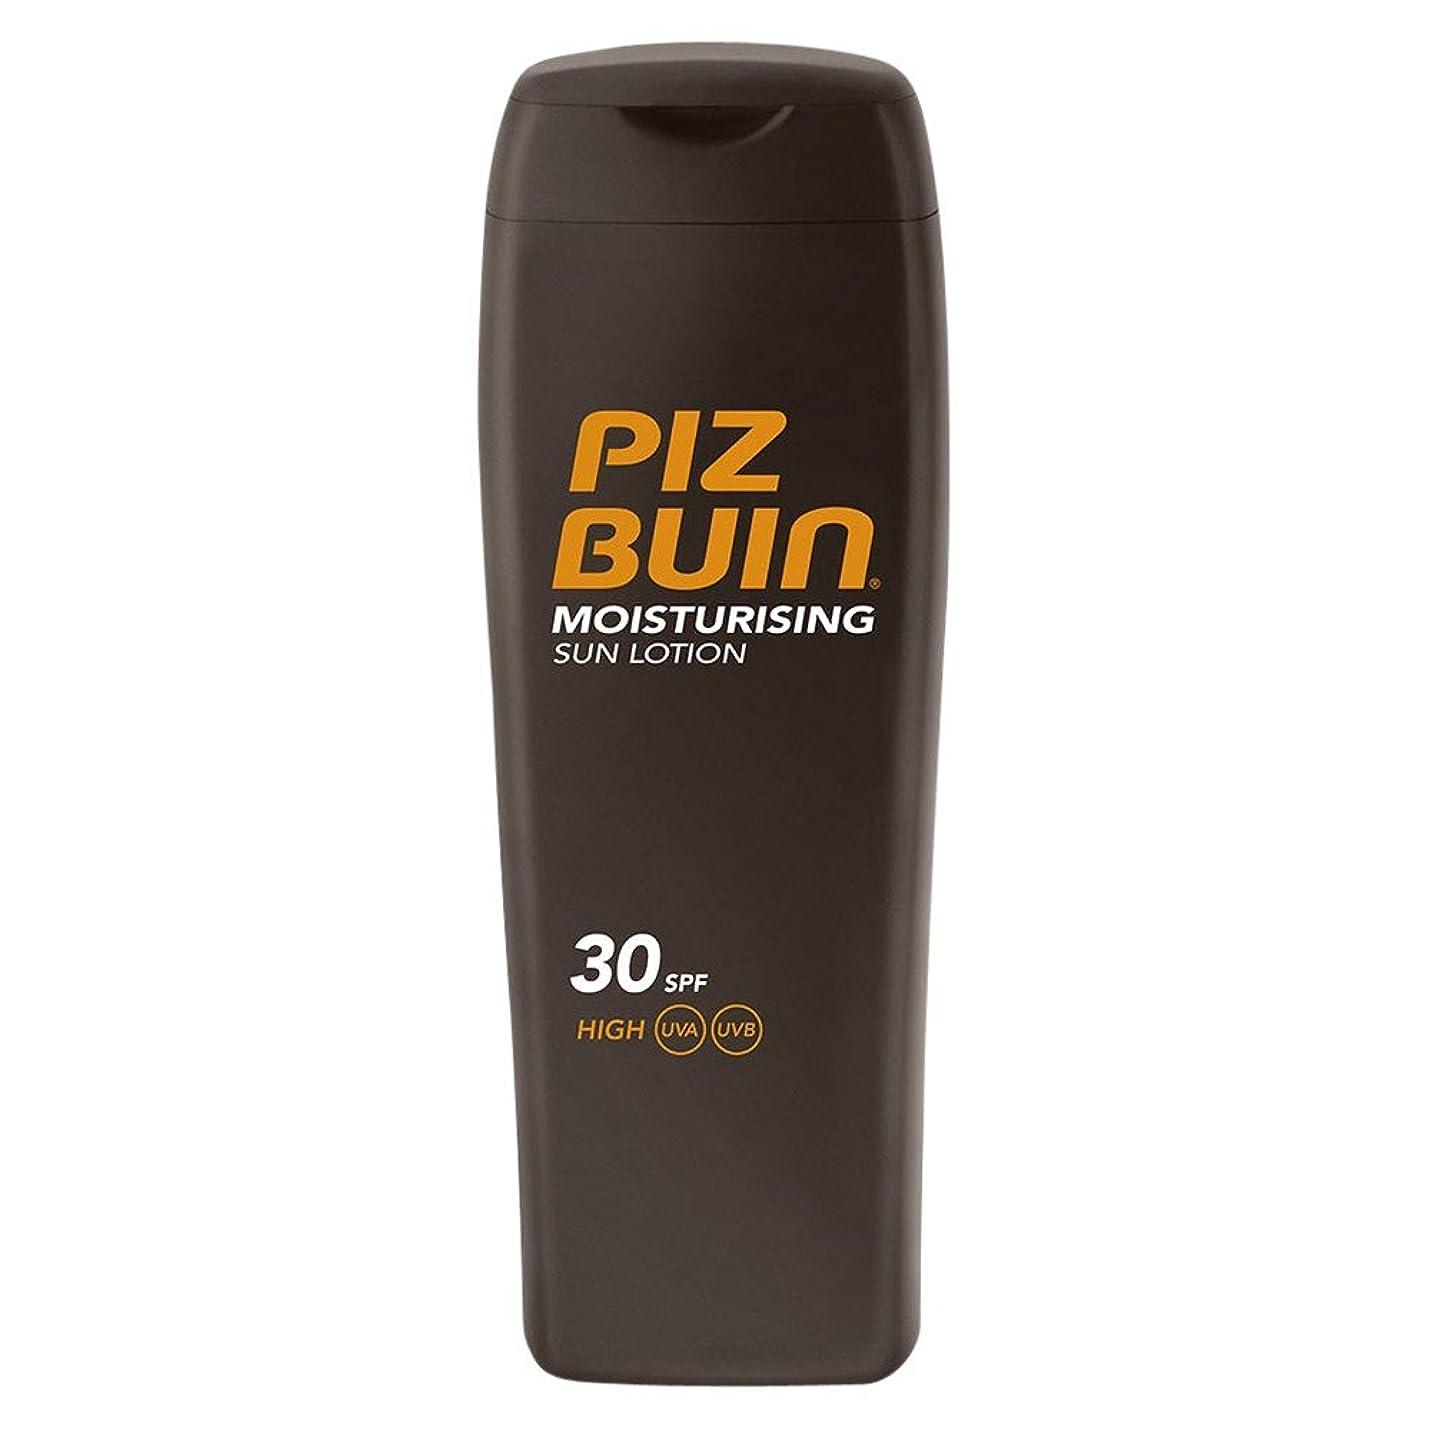 高尚な撤退見込みピッツブイン保湿Spf30日焼けローション200ミリリットル (Piz Buin) (x2) - Piz Buin Moisturising SPF30 Sun Lotion 200ml (Pack of 2) [並行輸入品]